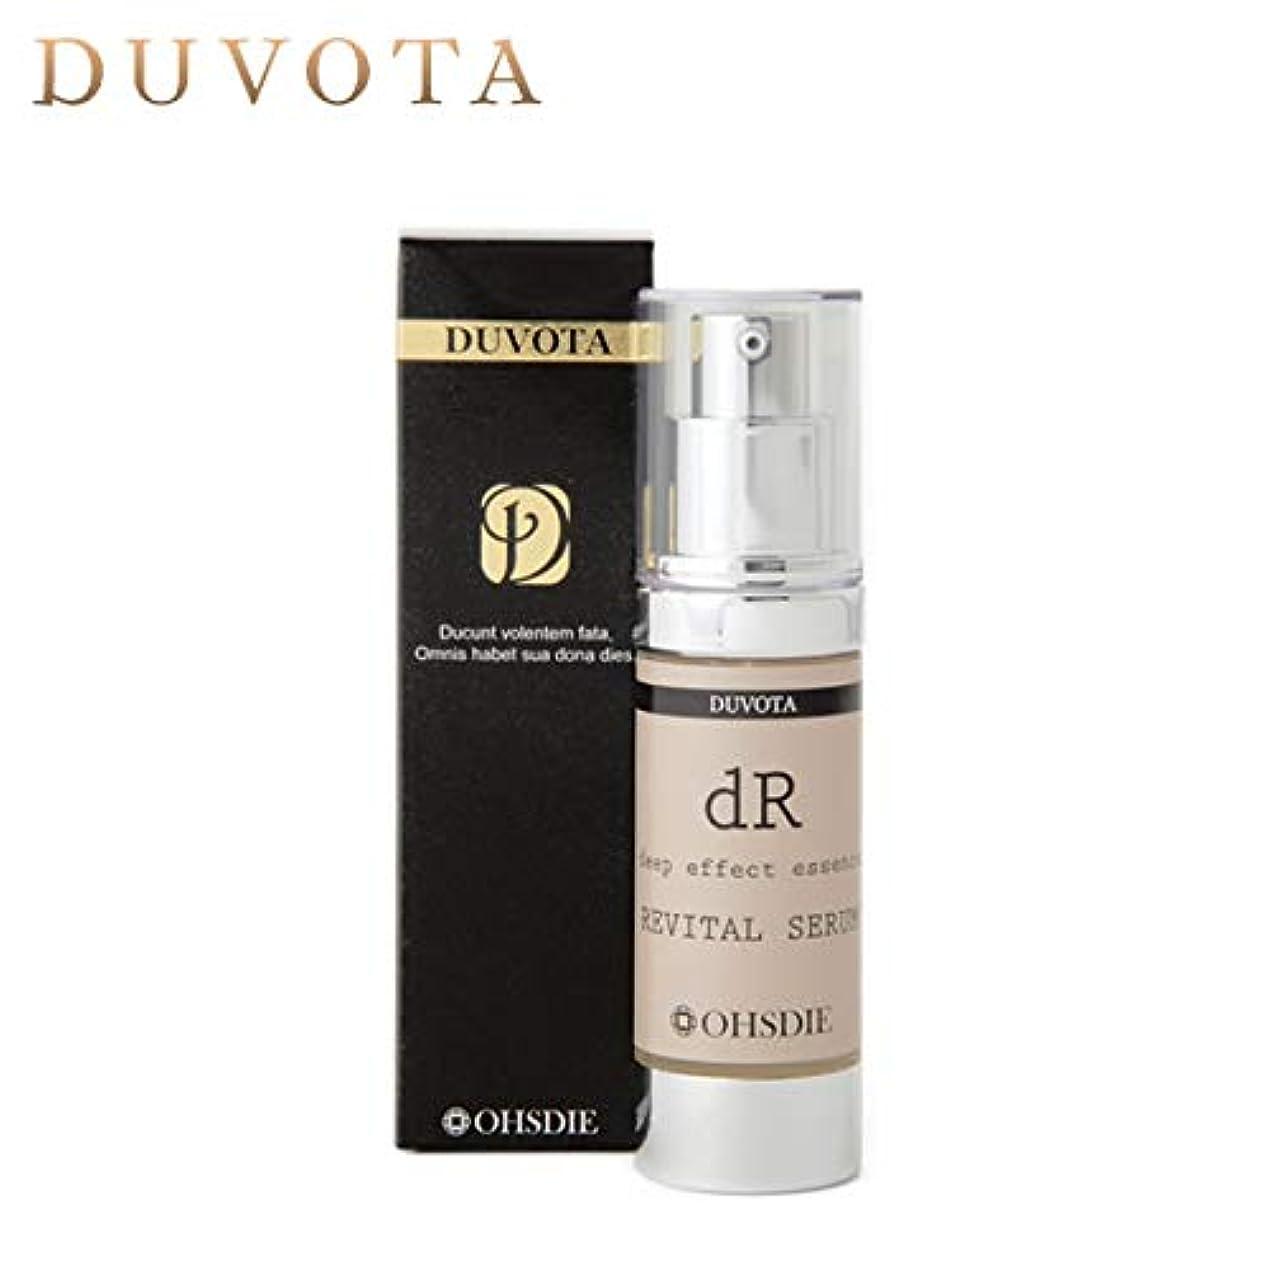 ファントムめったに冷淡なEGF 幹細胞 美容液 DUVOTA(ドゥボータ)ディープエフェクトエッセンスDリバイタルセラム 30ml / 馬プラセンタ ナールスゲン エレクトロポーション導入 エクラフレーズ 美顔器 リフトアップ 敏感肌 おすすめ